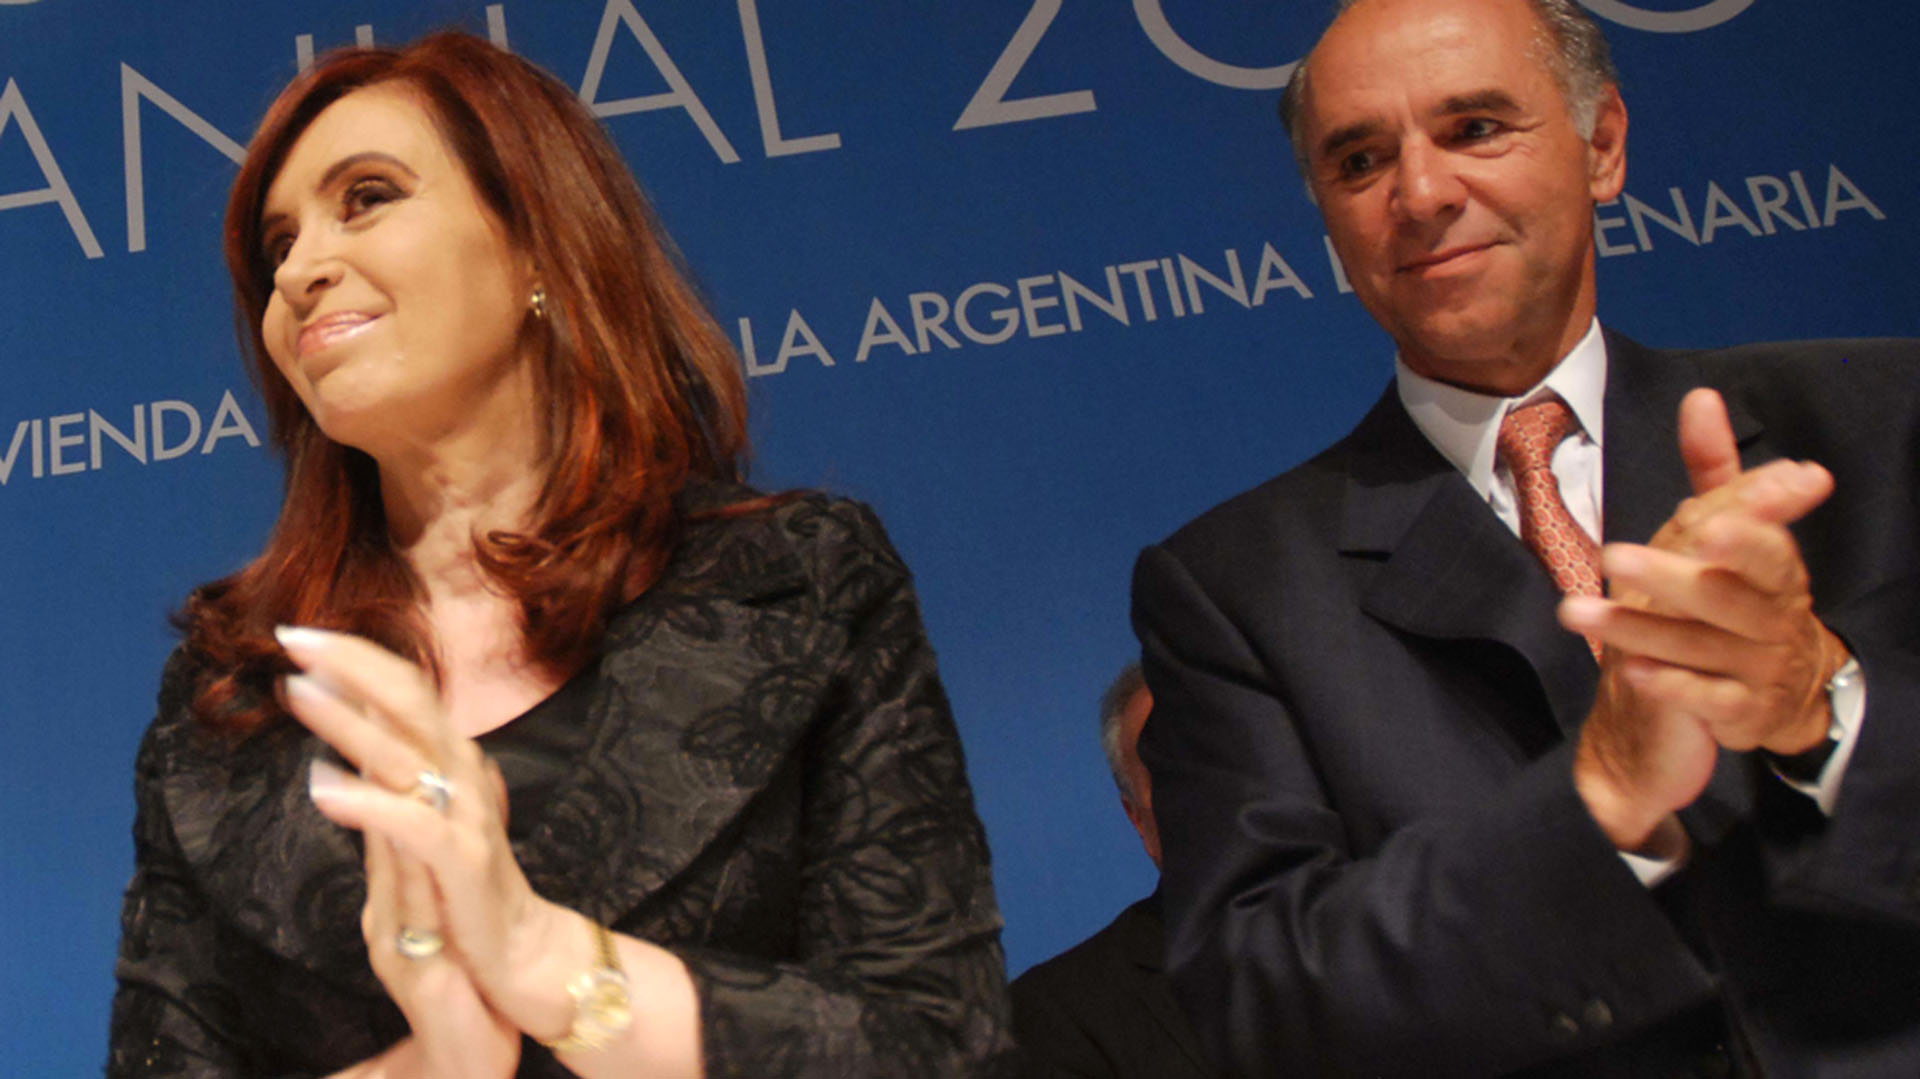 Cristina Kirchner en un evento junto al presidente de la CAC, Juan Chediak. (Télam)